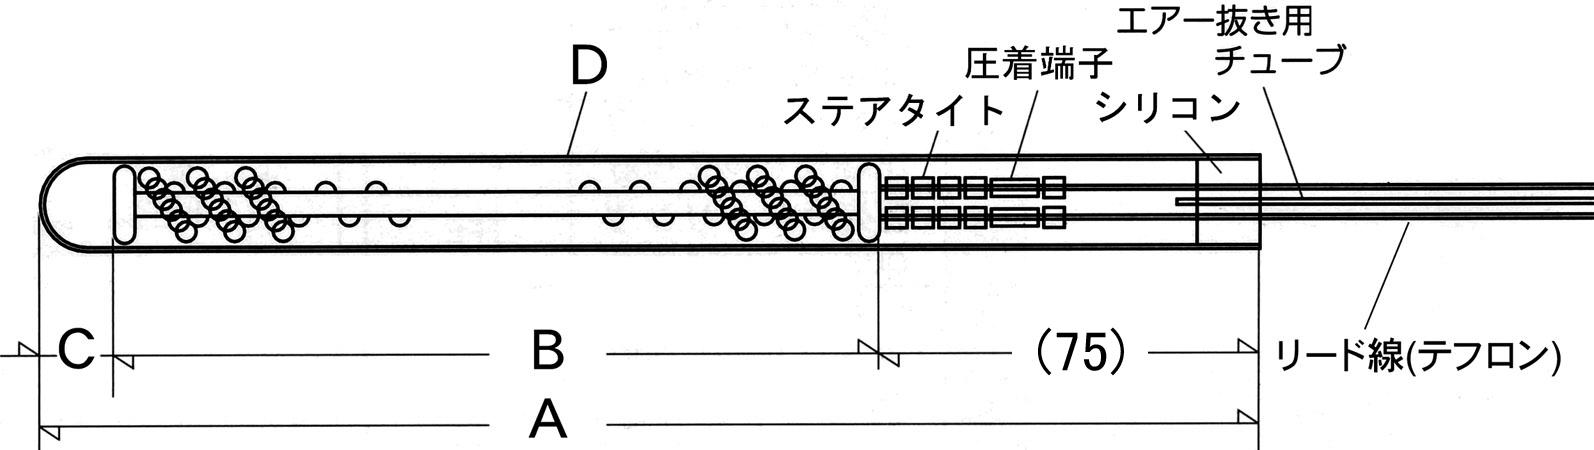 図4 透明石英カートリッジヒーター(発熱体非接触構造) 外形図